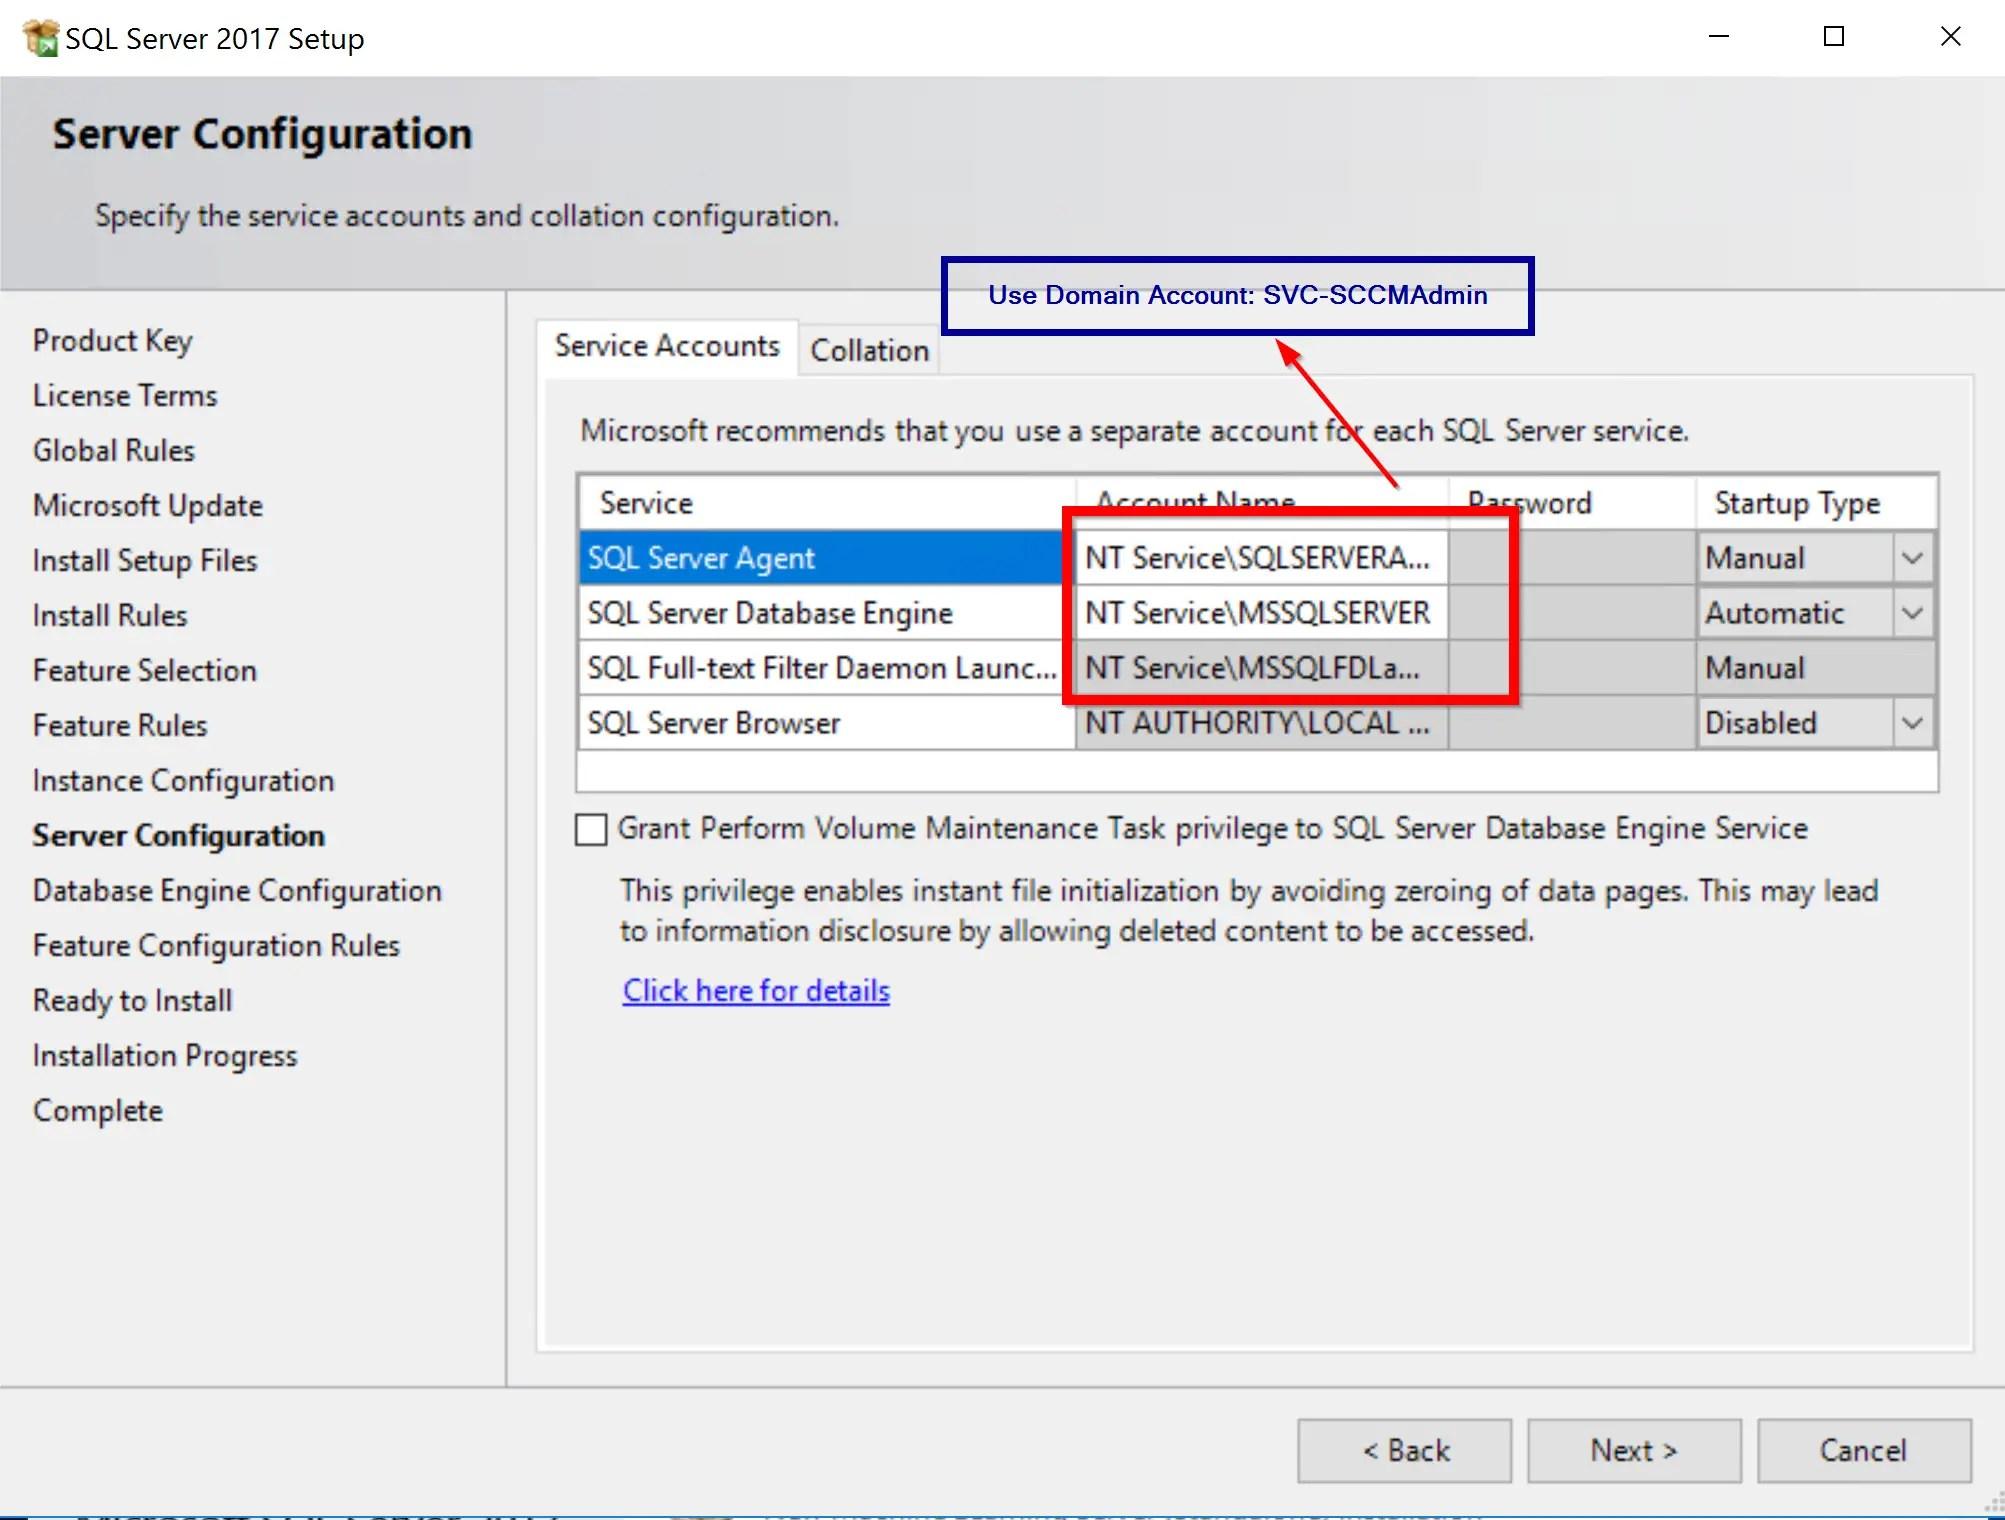 SQL Server 2017 Step by step for SCCM Installation 9